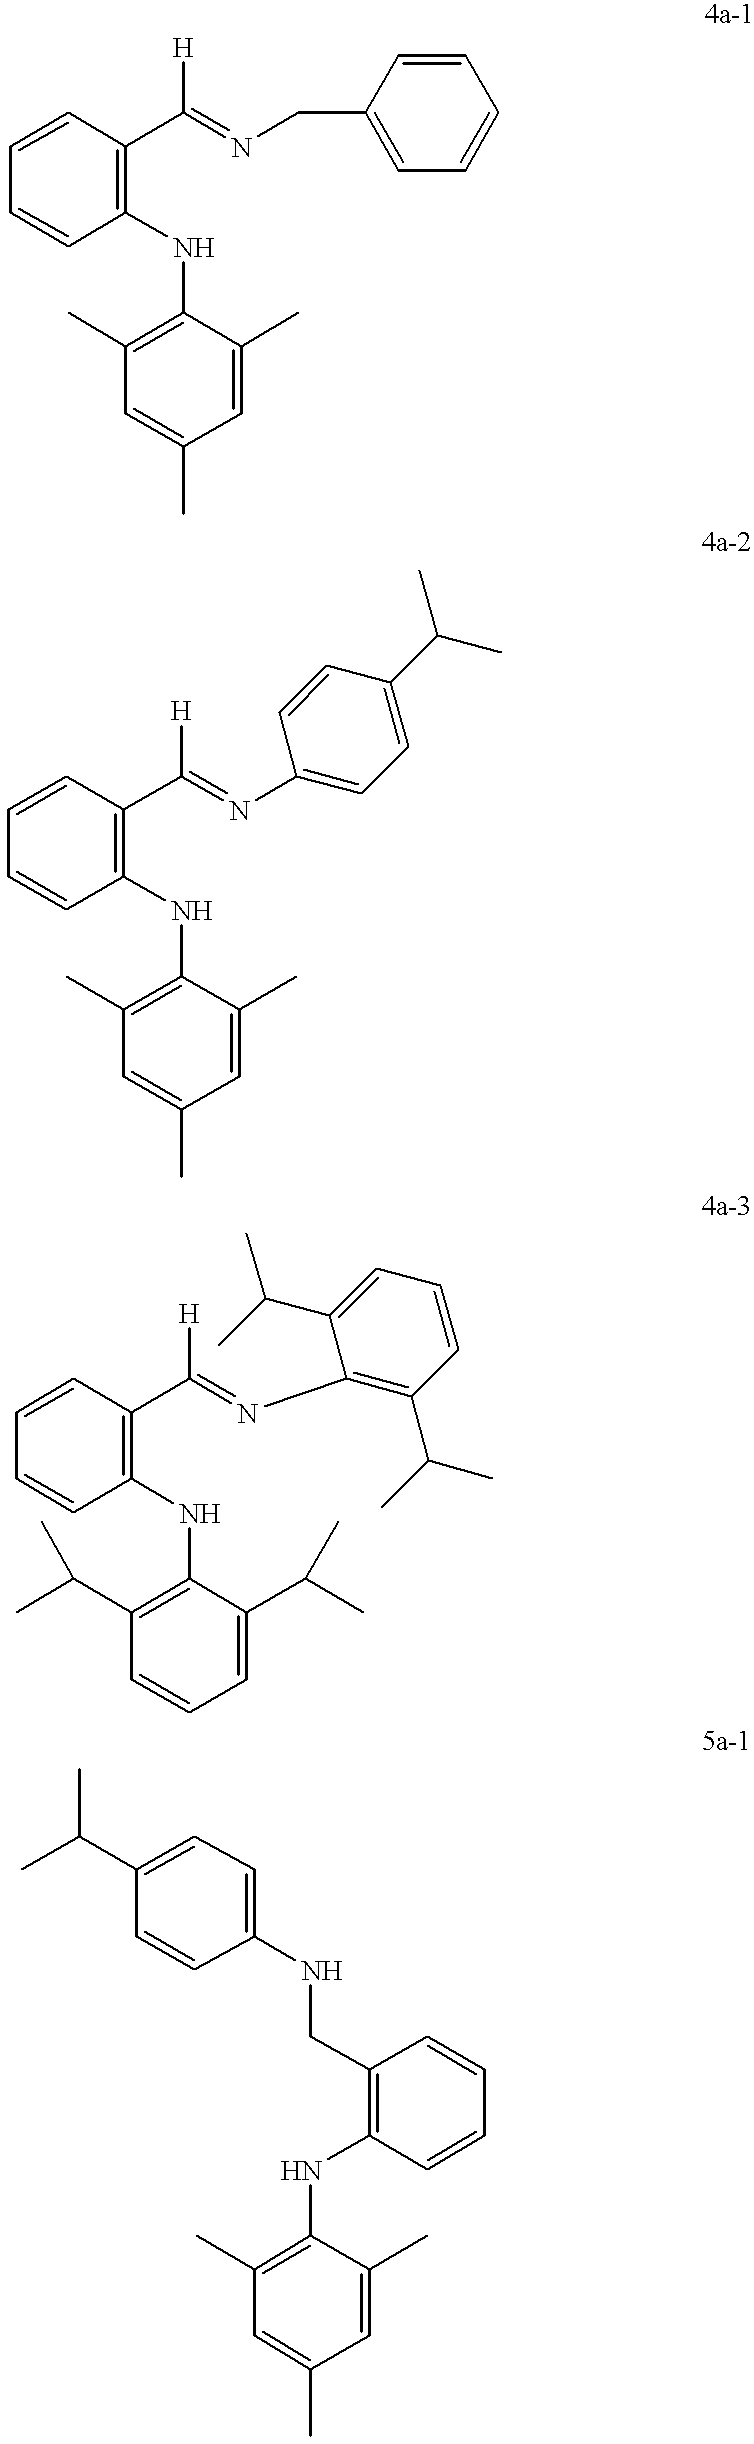 Figure US06316663-20011113-C00013